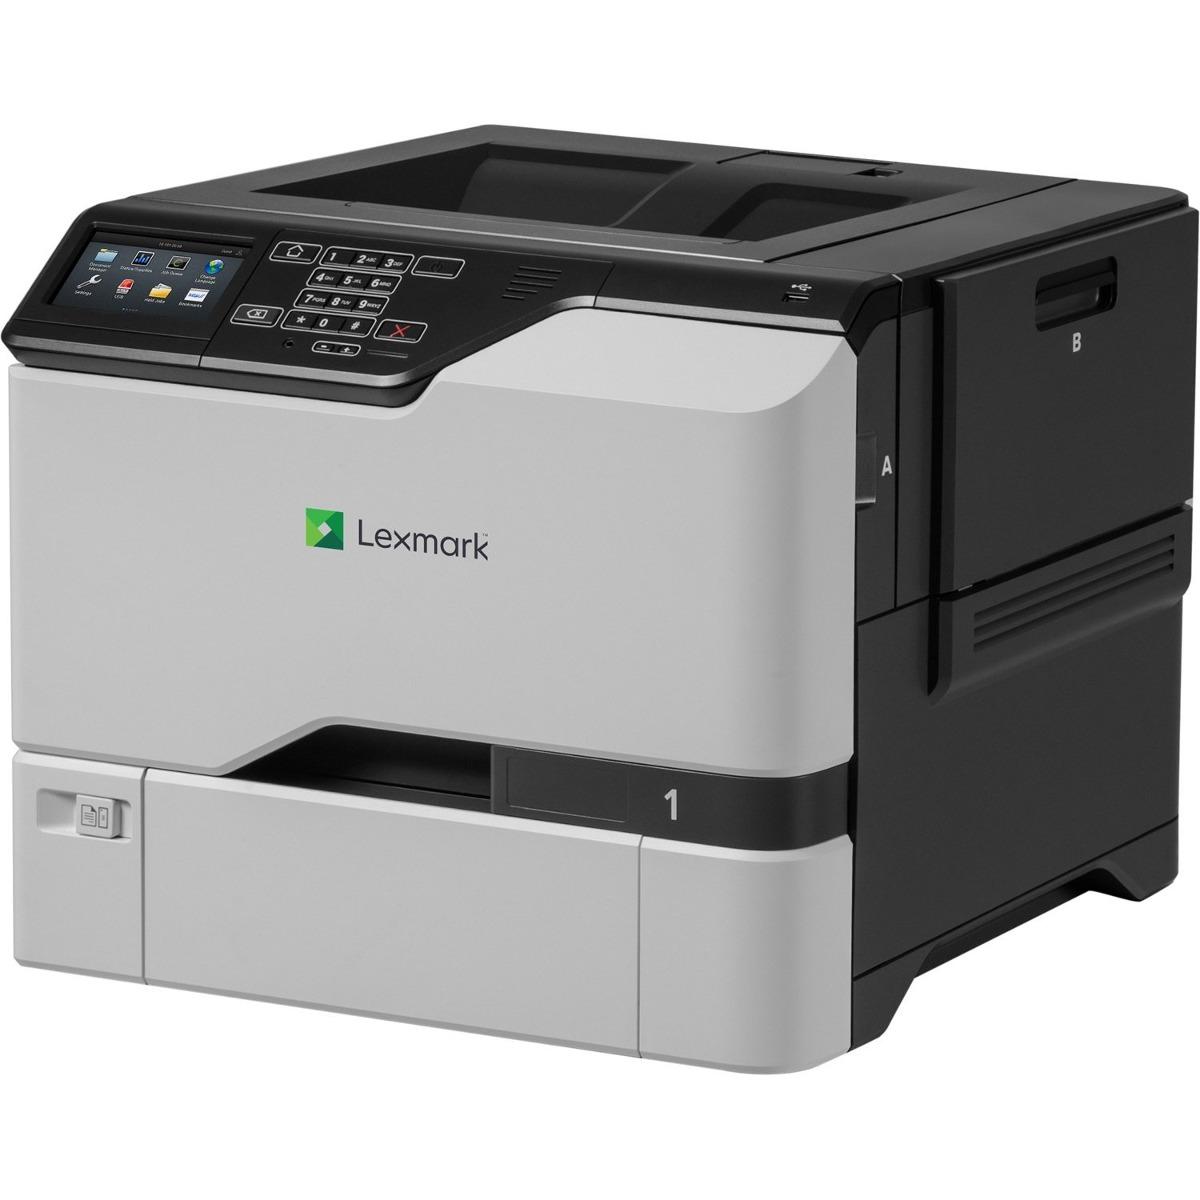 Increíble Impresora Láser A Color Revisa El Costo Por Página Fotos ...